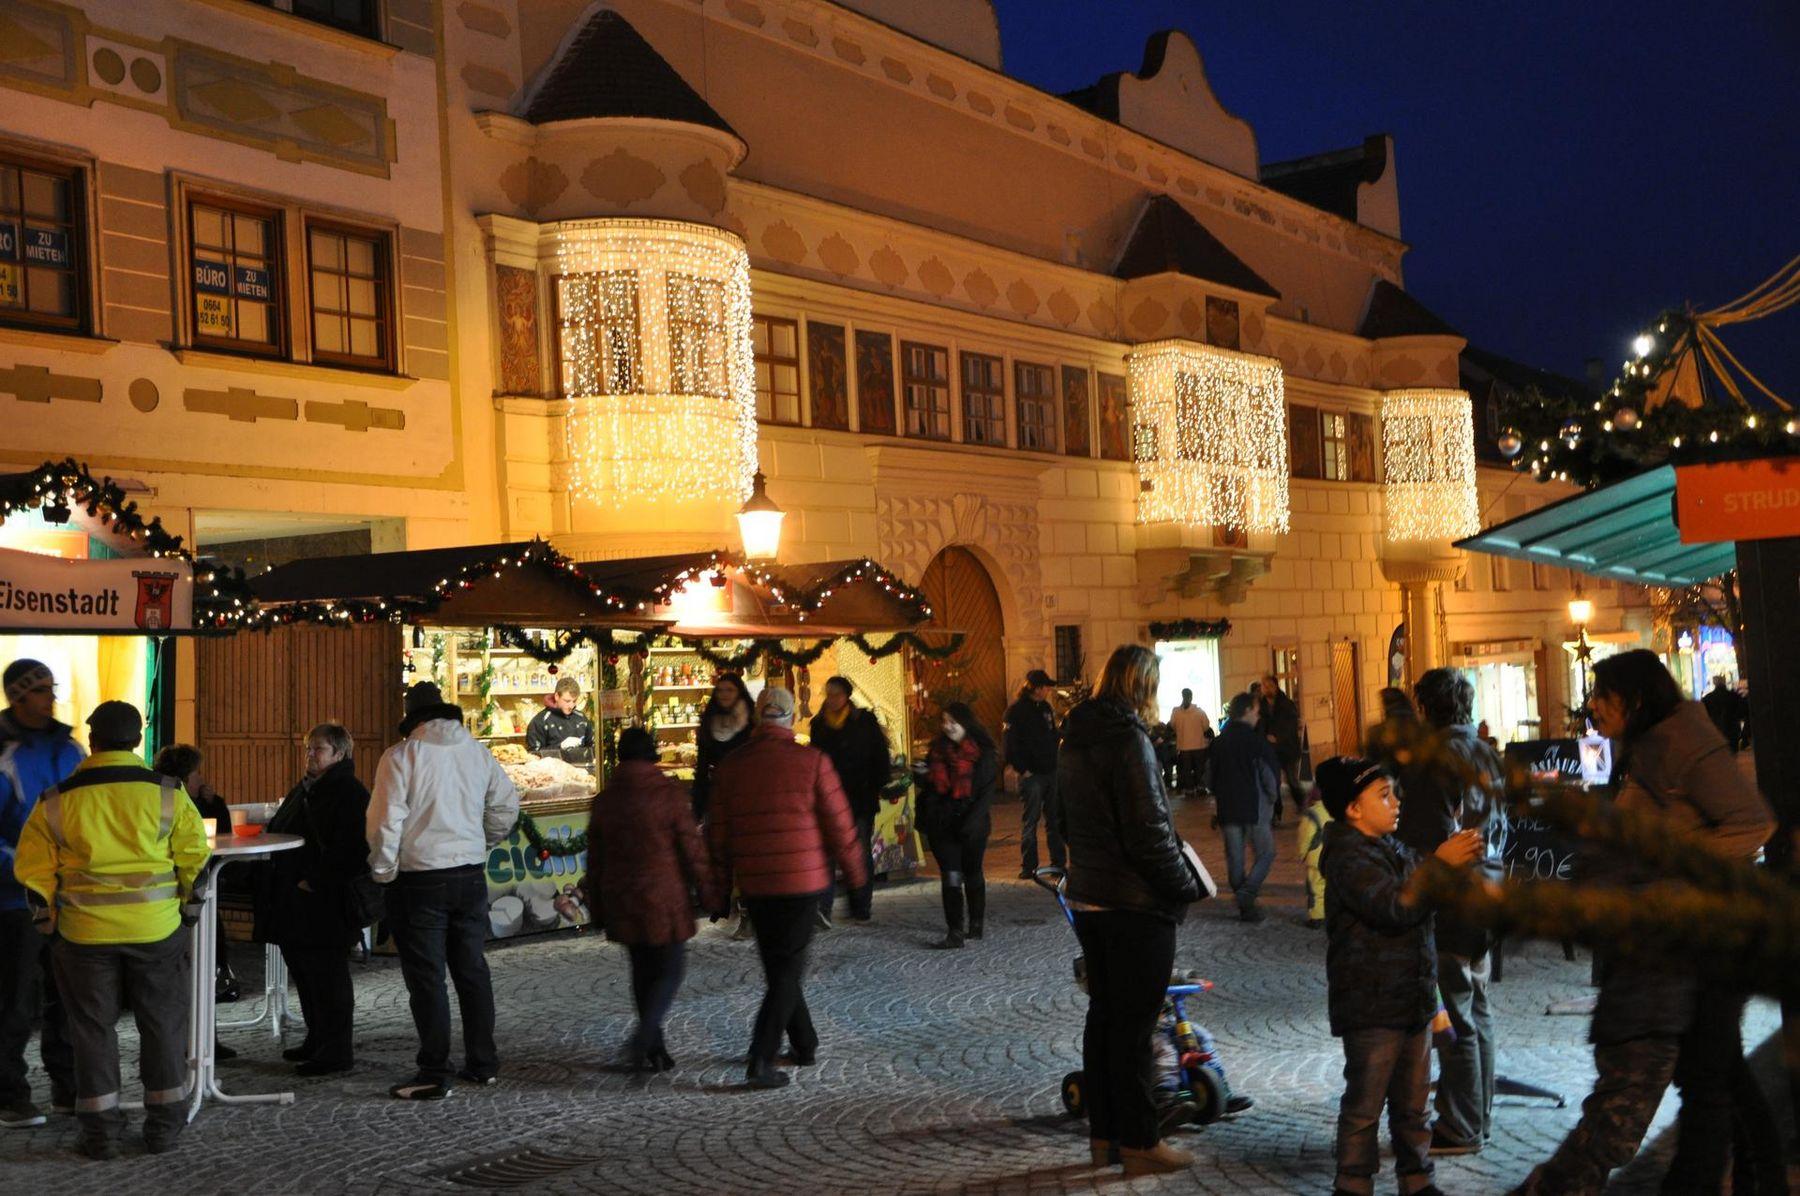 Christkindlmarkt Eisenstadt C Stadtgemeinde Eisenstadt 3